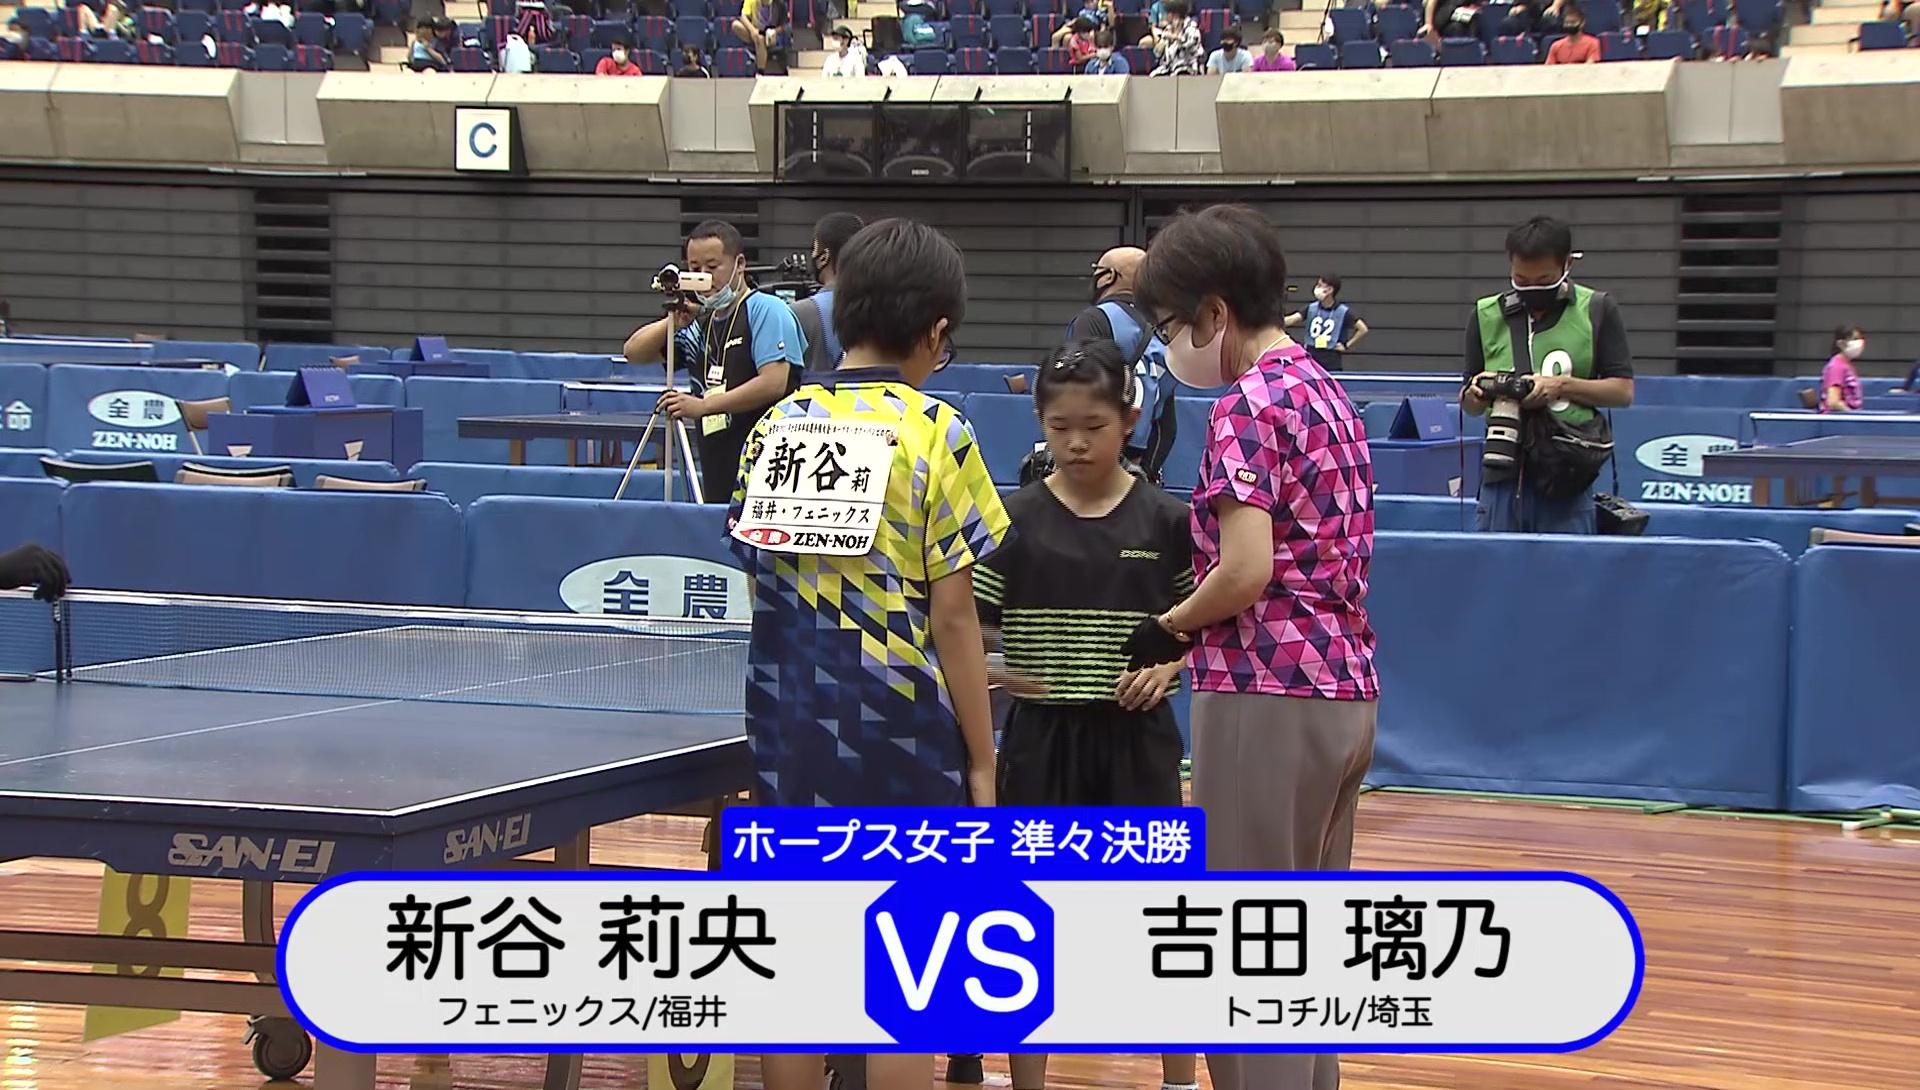 【全農杯2021】ホープス女子準々決勝|新谷莉央 vs 吉田璃乃